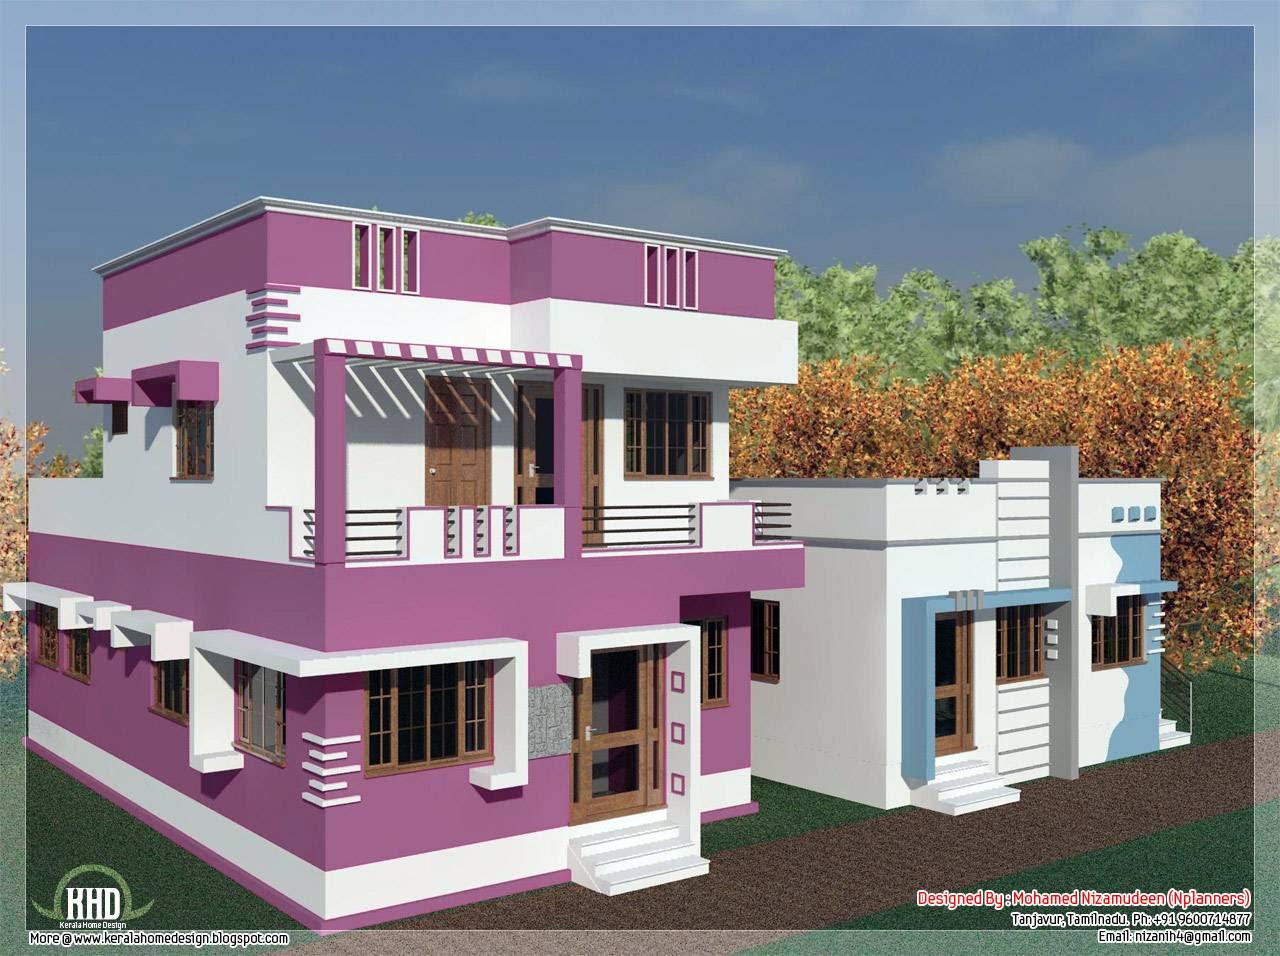 Home Plan Design Tamilnadu. Home. Free Custom Home Plans - tamilnadu home plans with photos home home plans ideas picture on home plan design  tamilnadu